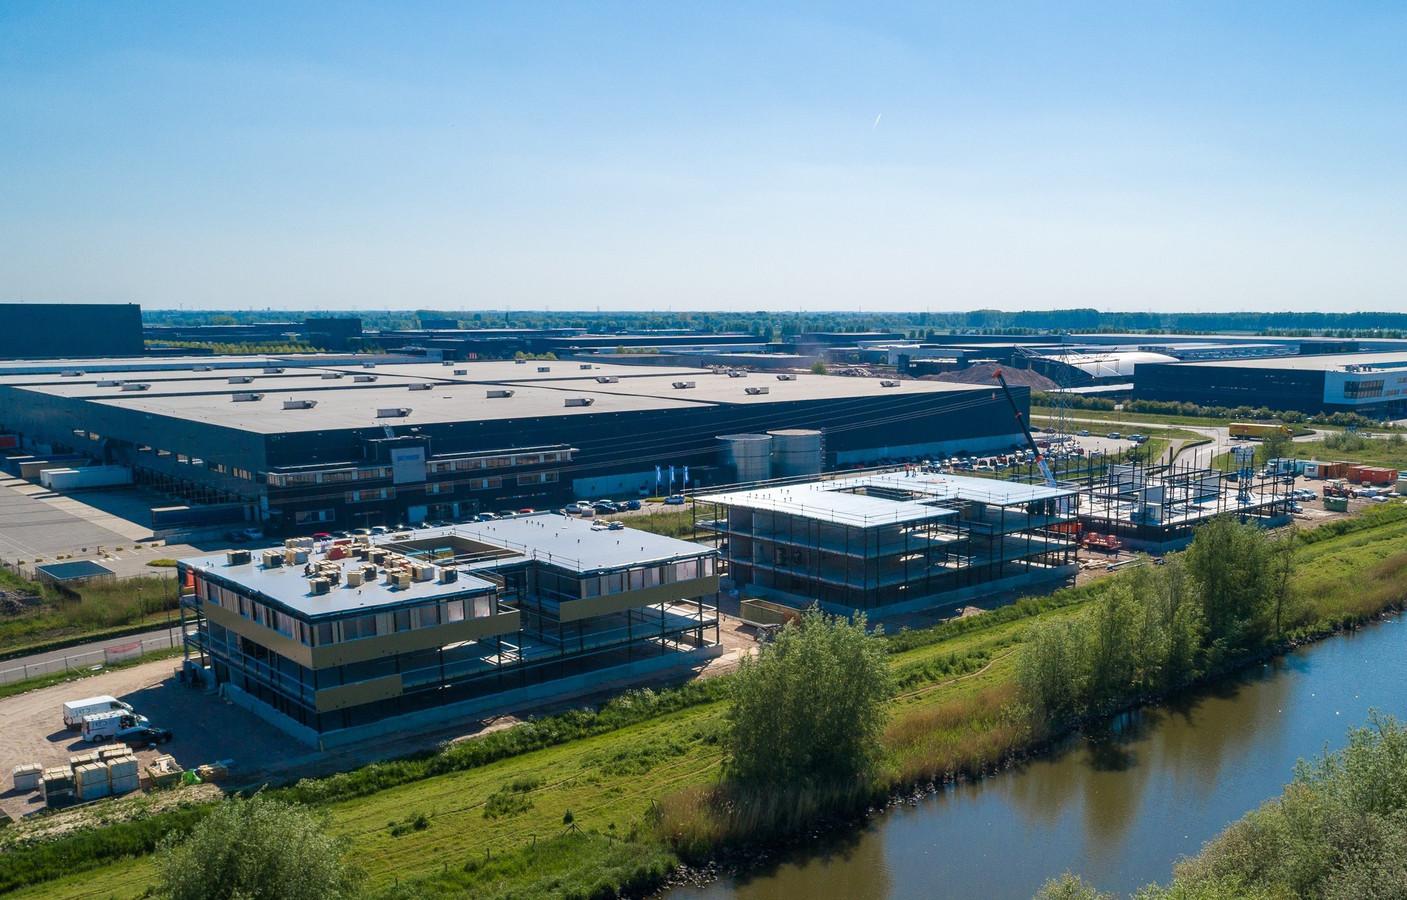 De campus voor arbeidsmigranten op bedrijventerrein Haven Zeven in Waalwijk krijgt vorm. Als alles volgens planning verloopt, is het wooncomplex in november klaar.